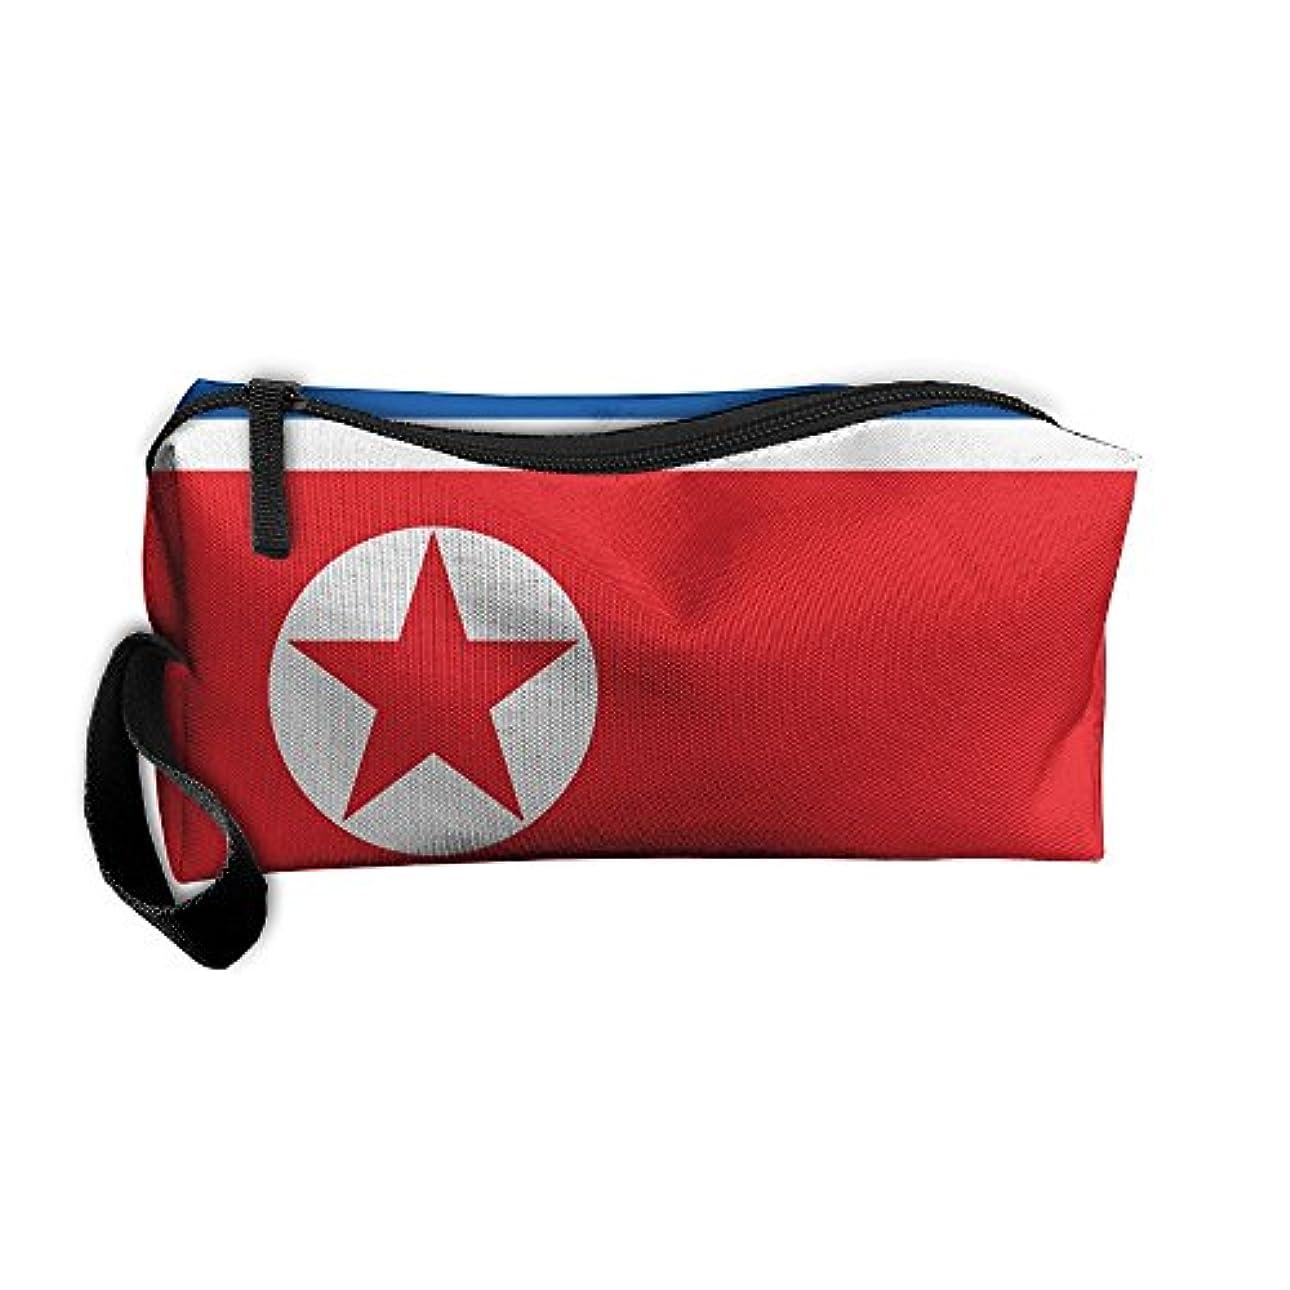 宗教食用ブッシュ北朝鮮の国旗 化粧ポーチ 収納ポーチ コスメポーチ ペンケース ペンポーチ 小物入れ トラベルポーチ 軽量 防水 携帯用